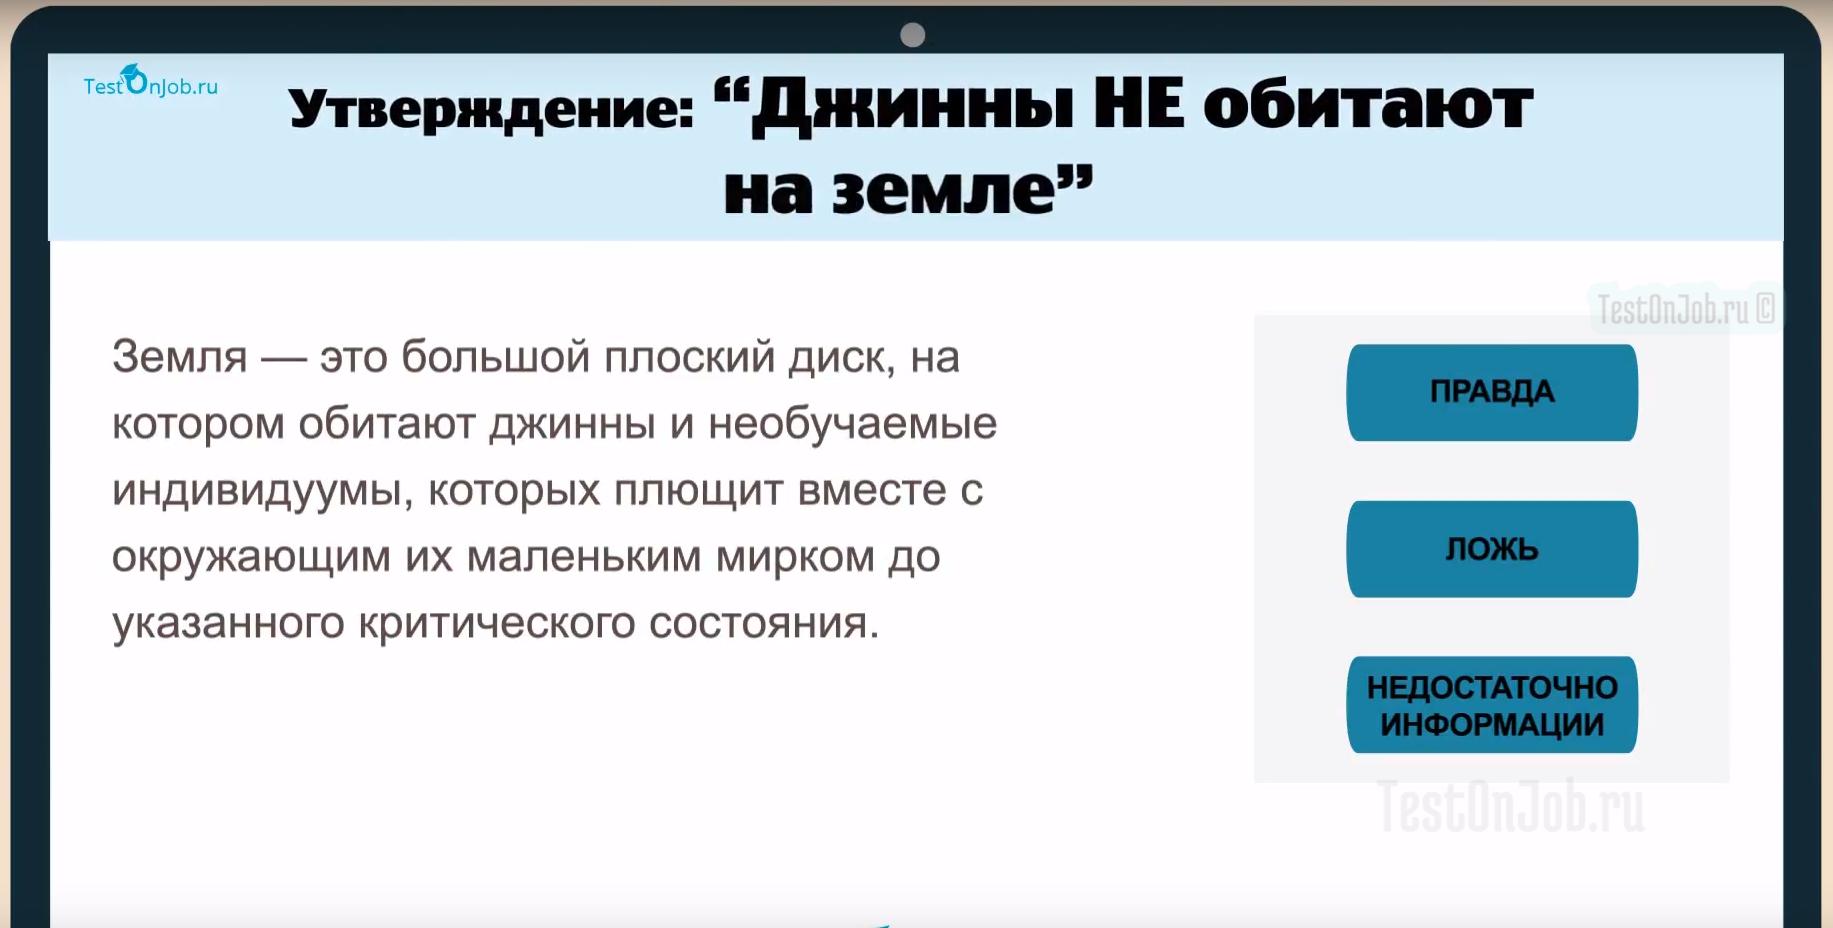 примеры вербального теста с ответами